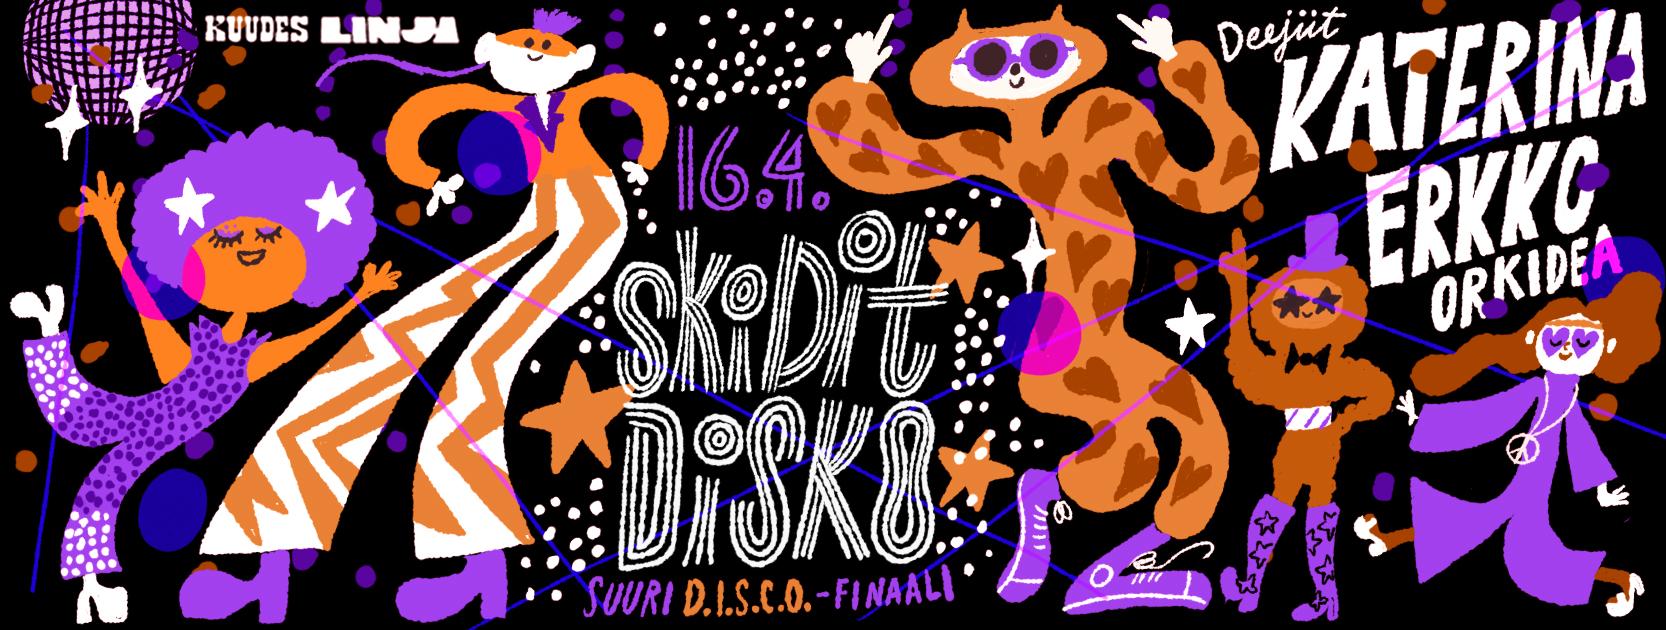 skiditdisko.disko.jpg